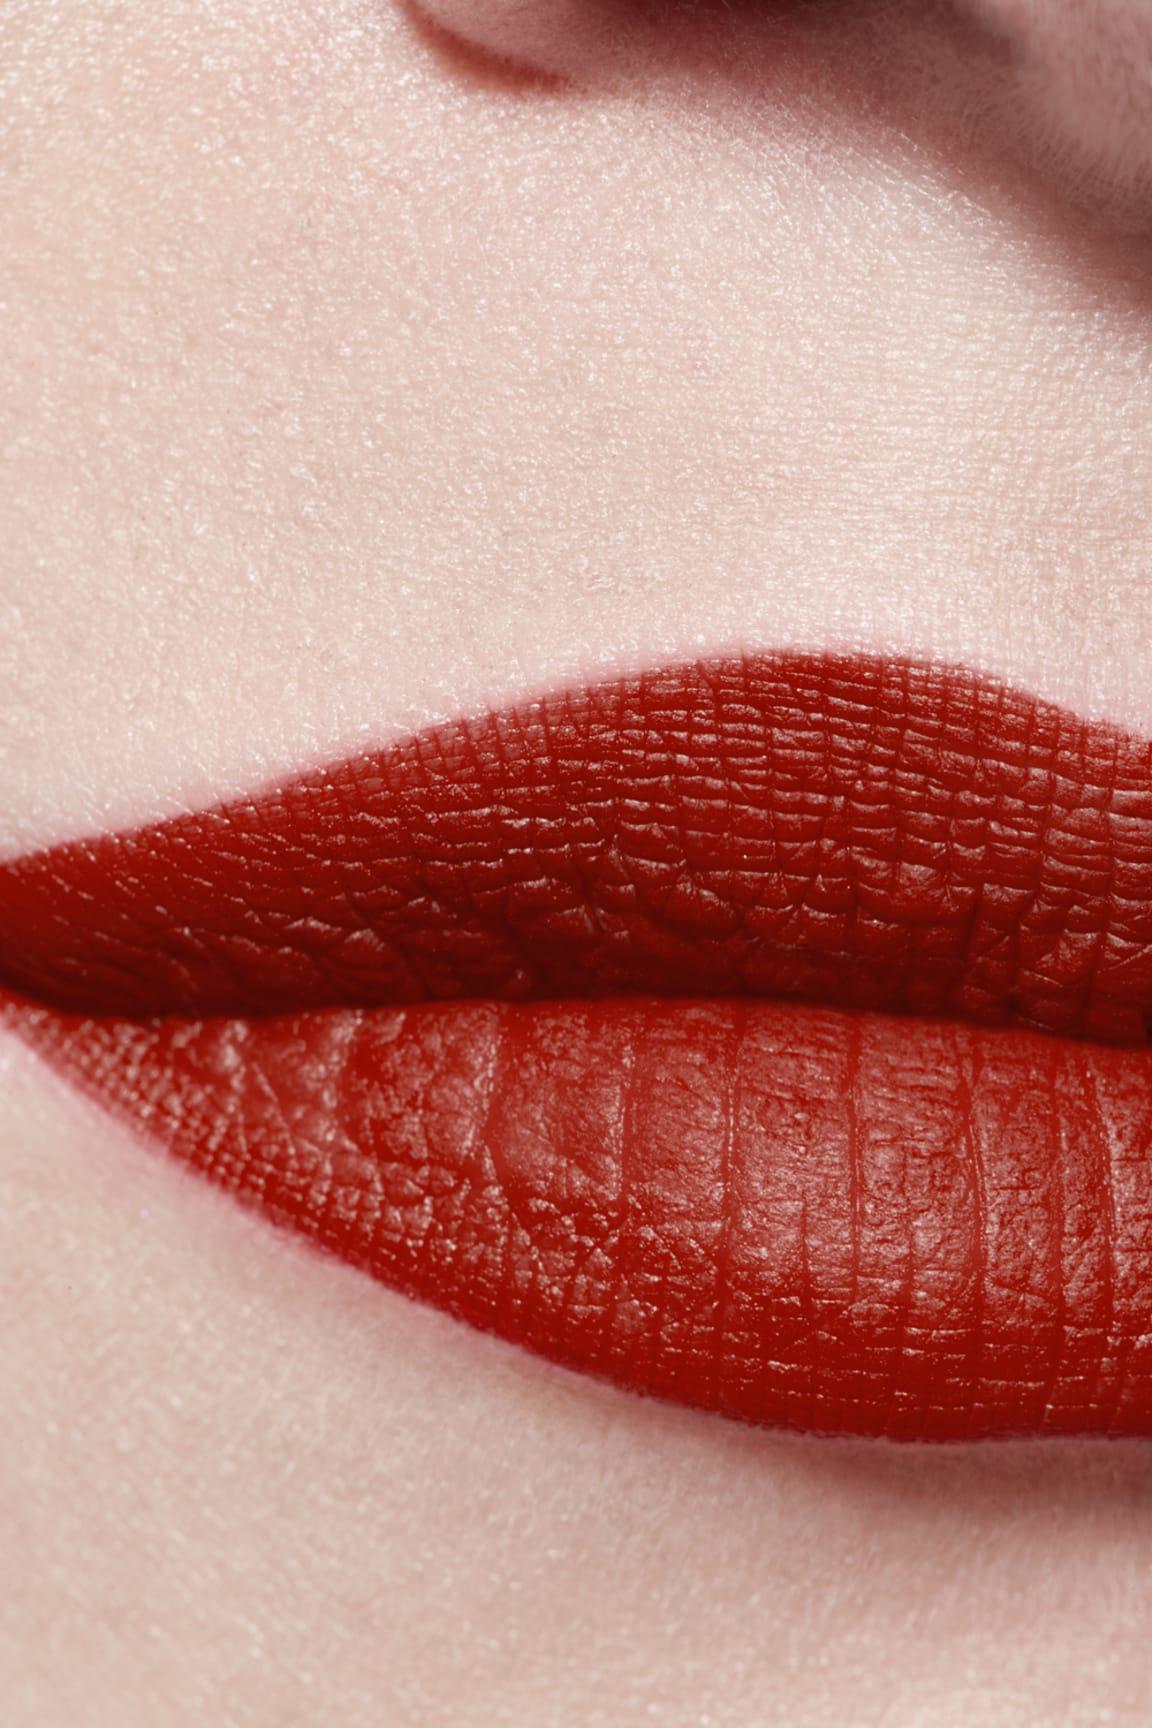 Application makeup visual 3 - ROUGE ALLURE VELVET LE LION DE CHANEL 277 - ROUGE FAUVE